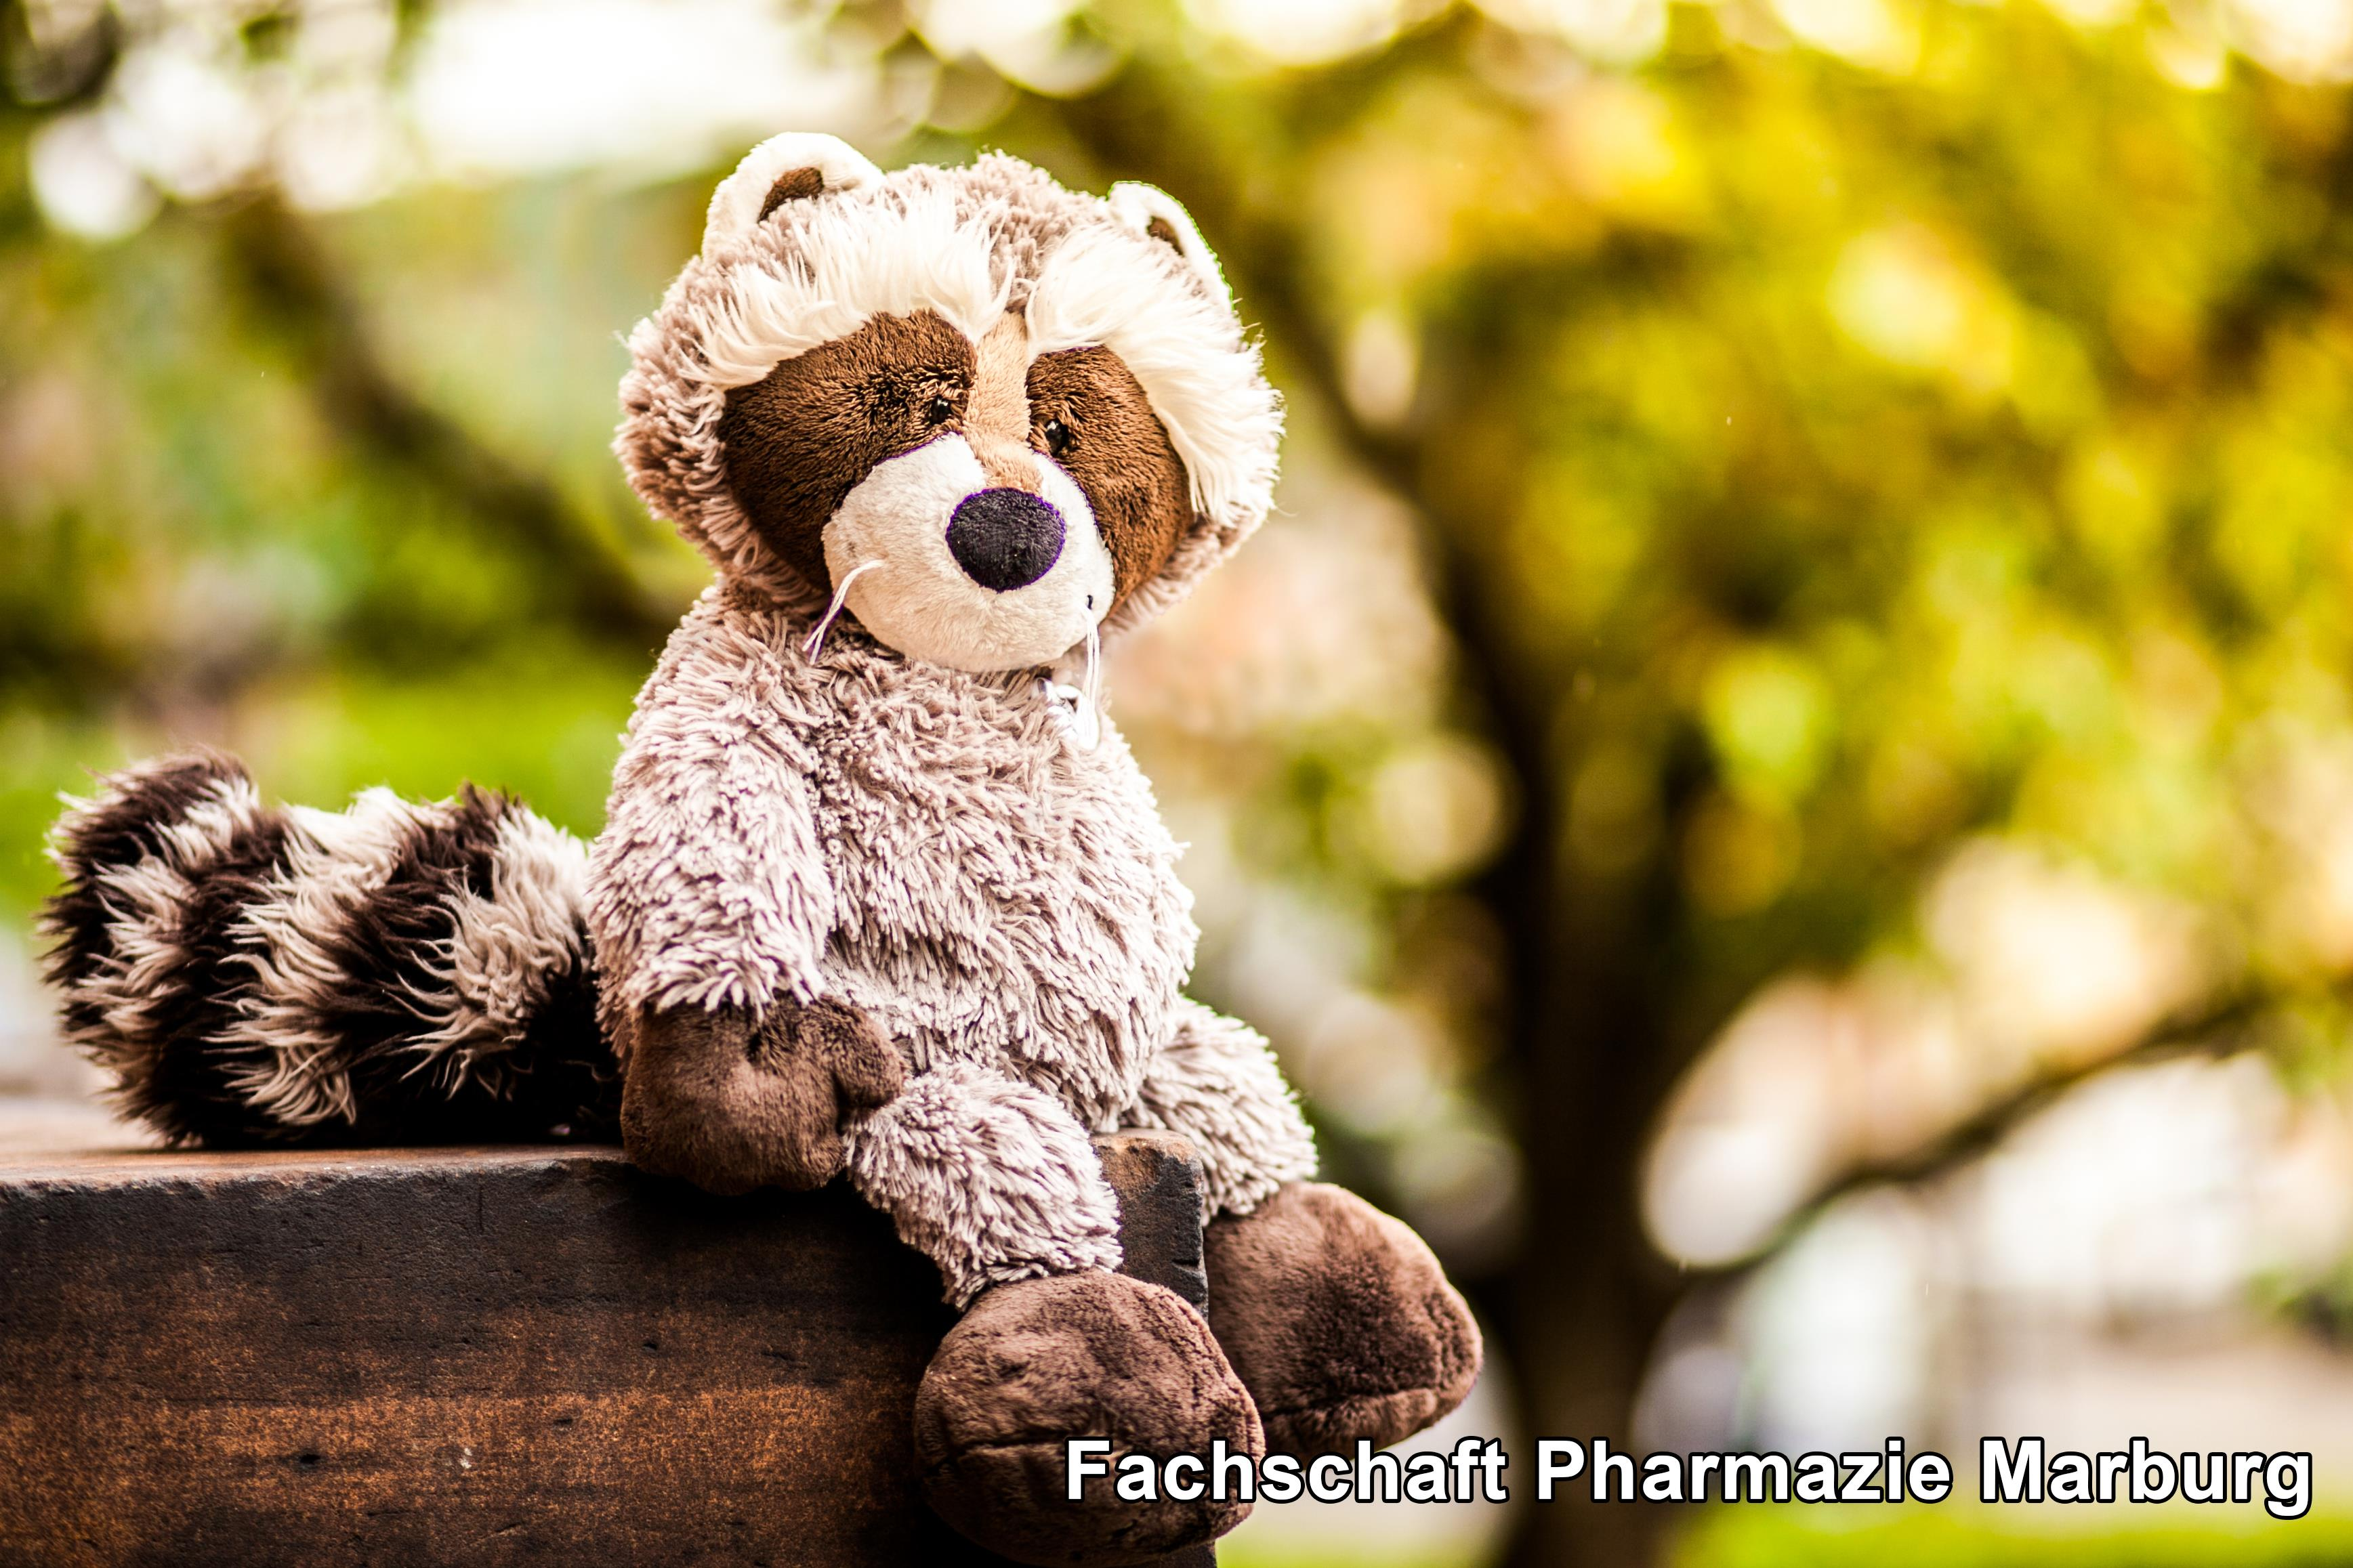 Pharmacoon Marburg